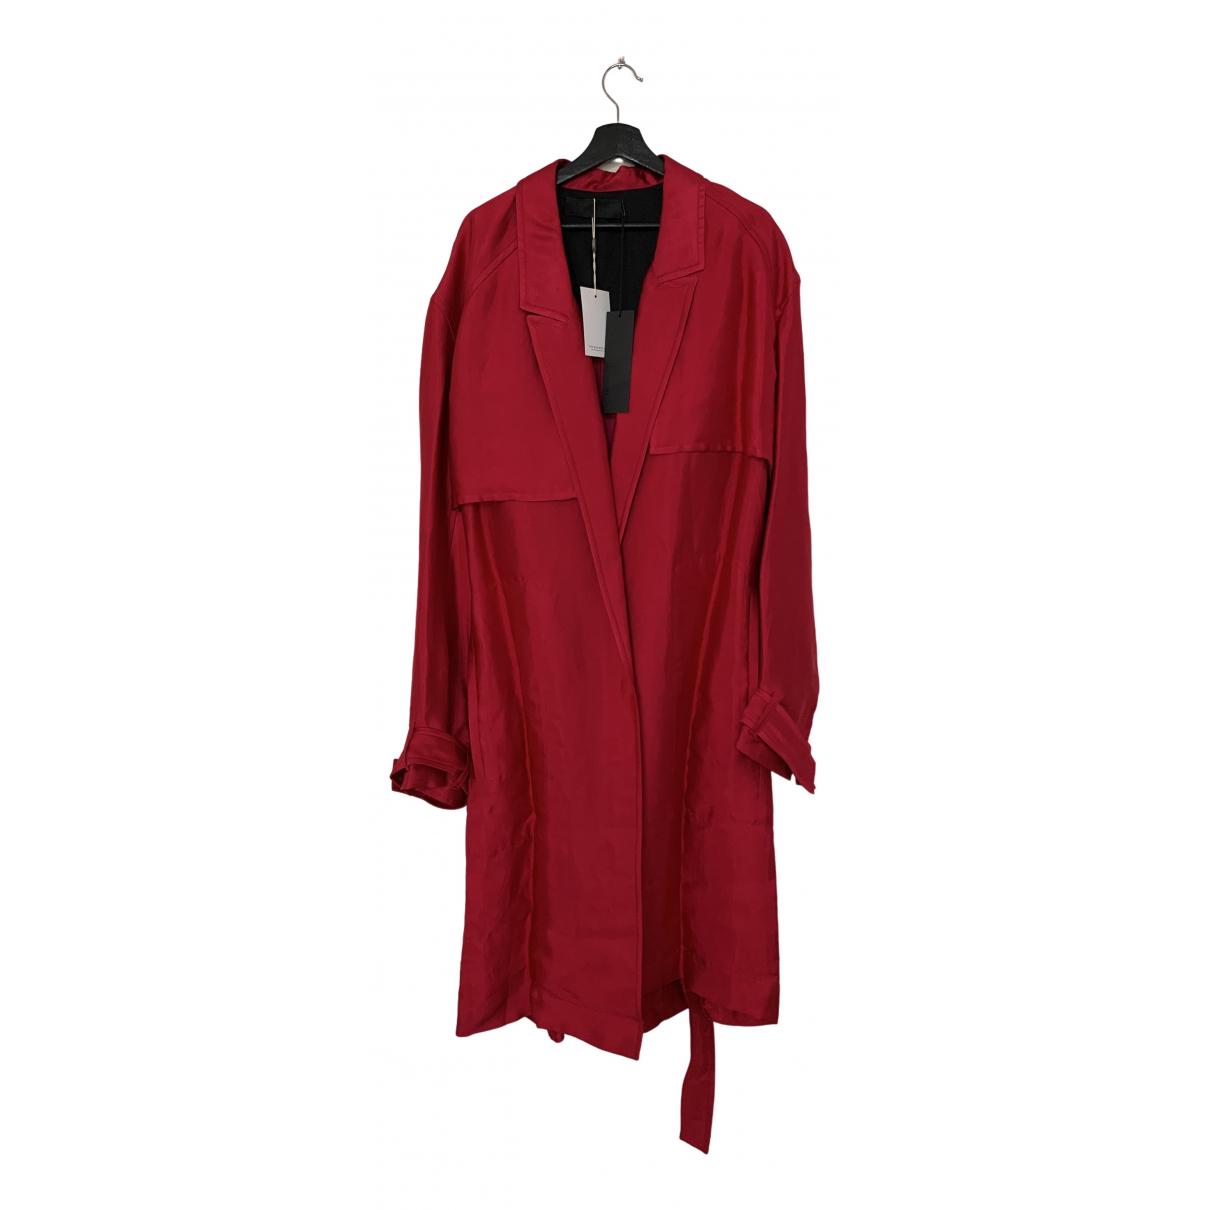 Haider Ackermann - Manteau   pour homme en toile - rouge